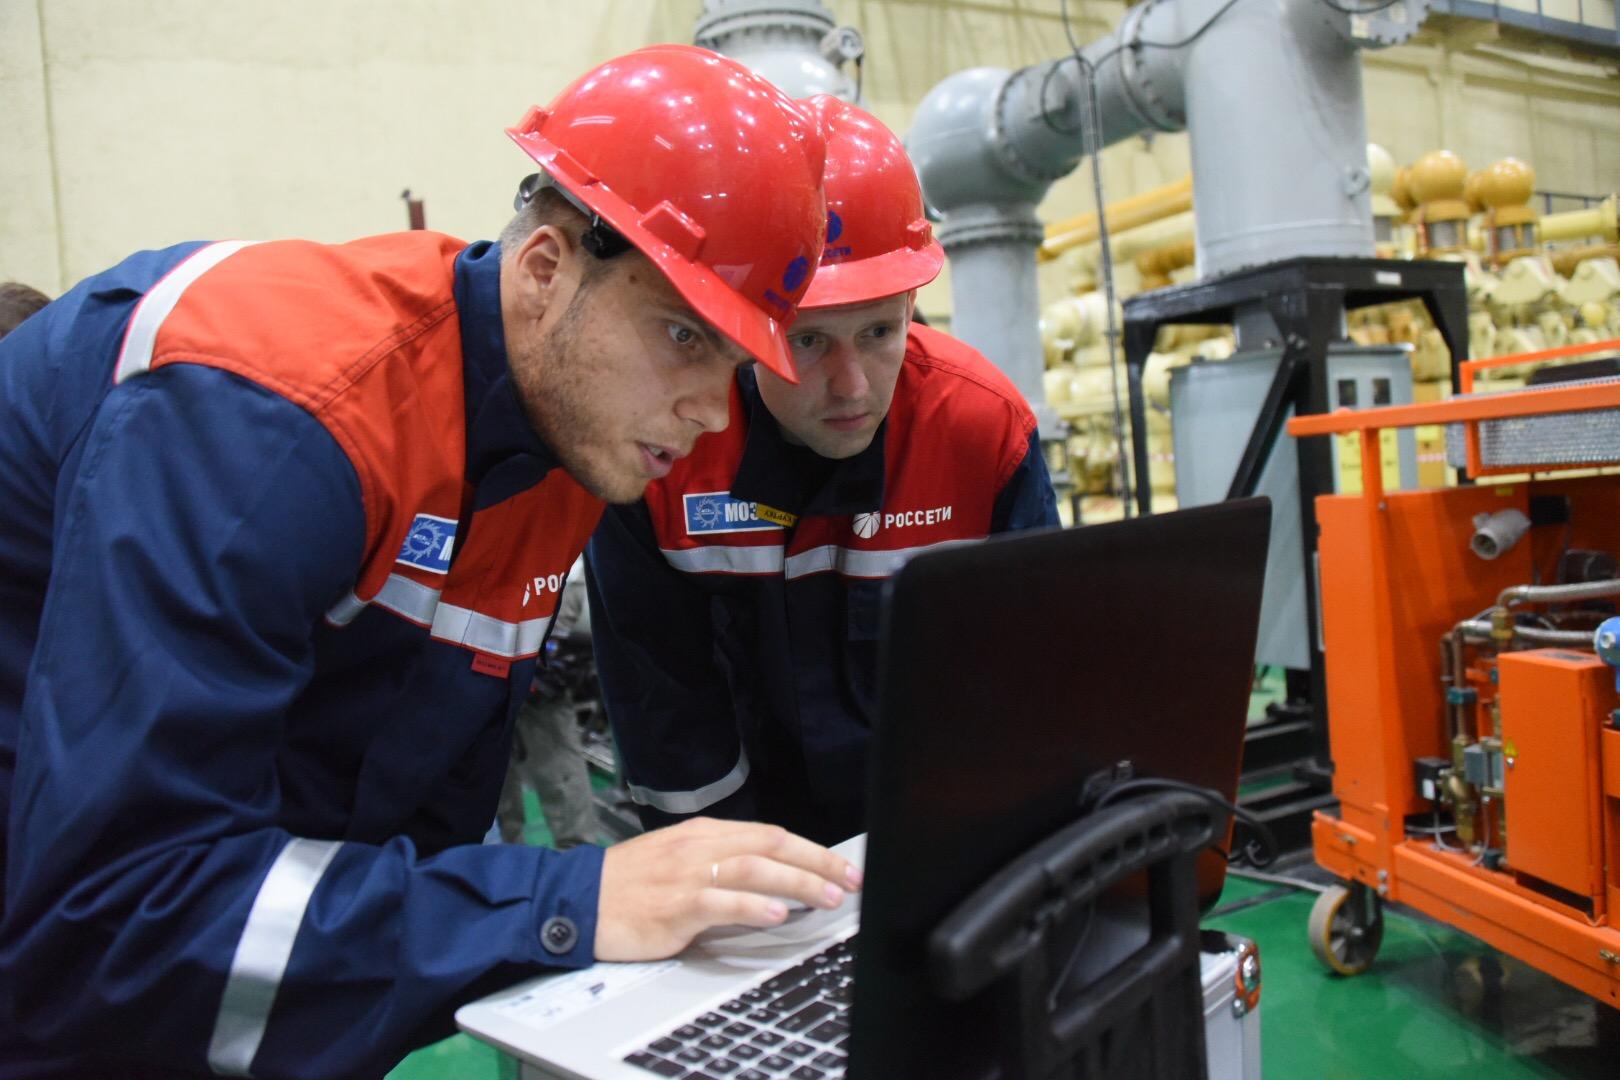 Установленная трансформаторная мощность составляет 700 МВА. Фото: Владимир Новиков, «Вечерняя Москва»